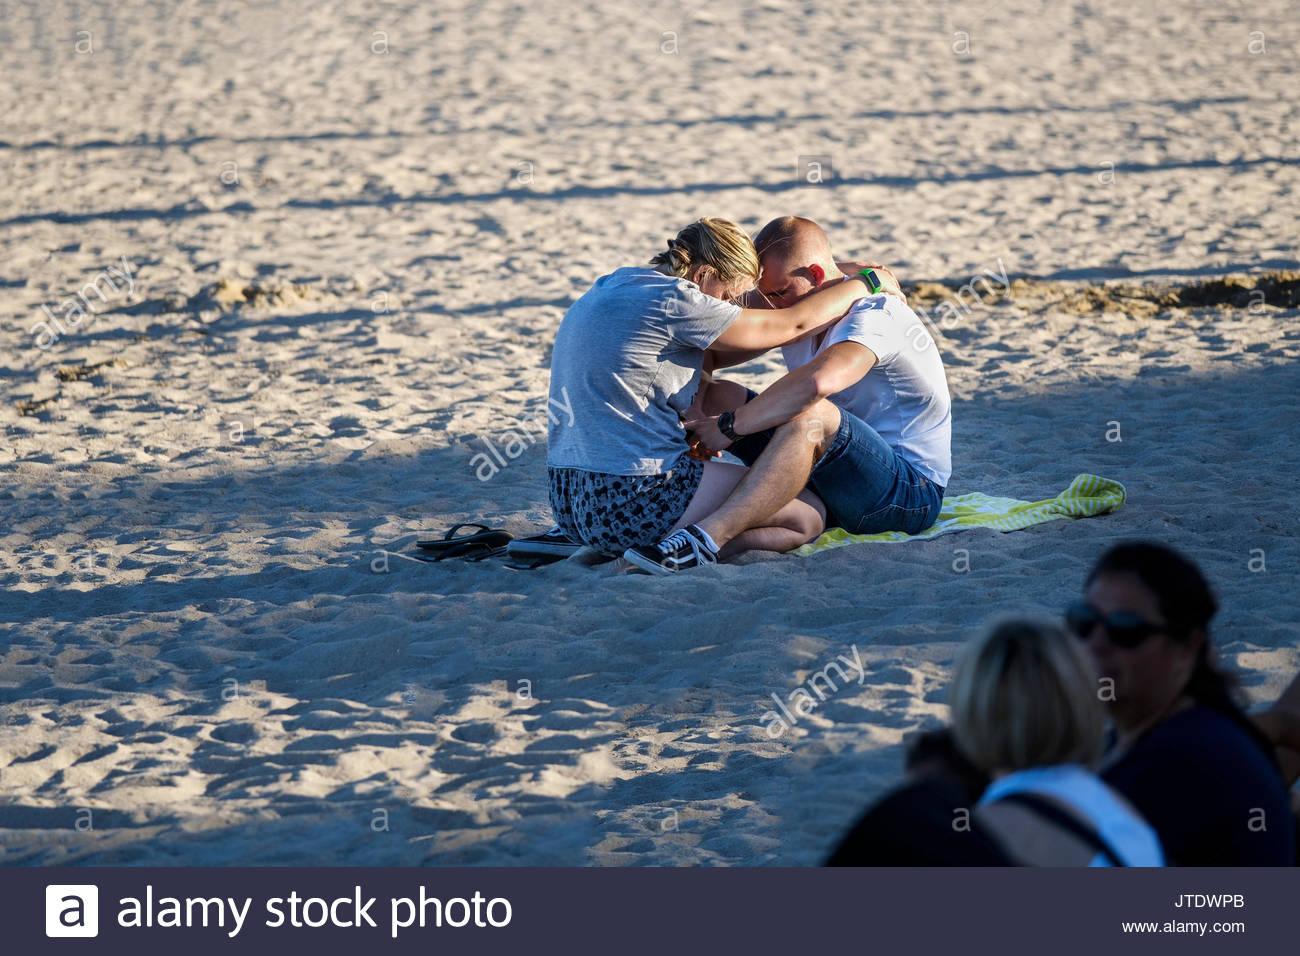 Una donna consolante e offrendo simpatia o un'alterazione emotional man e coccolato insieme su una spiaggia Immagini Stock